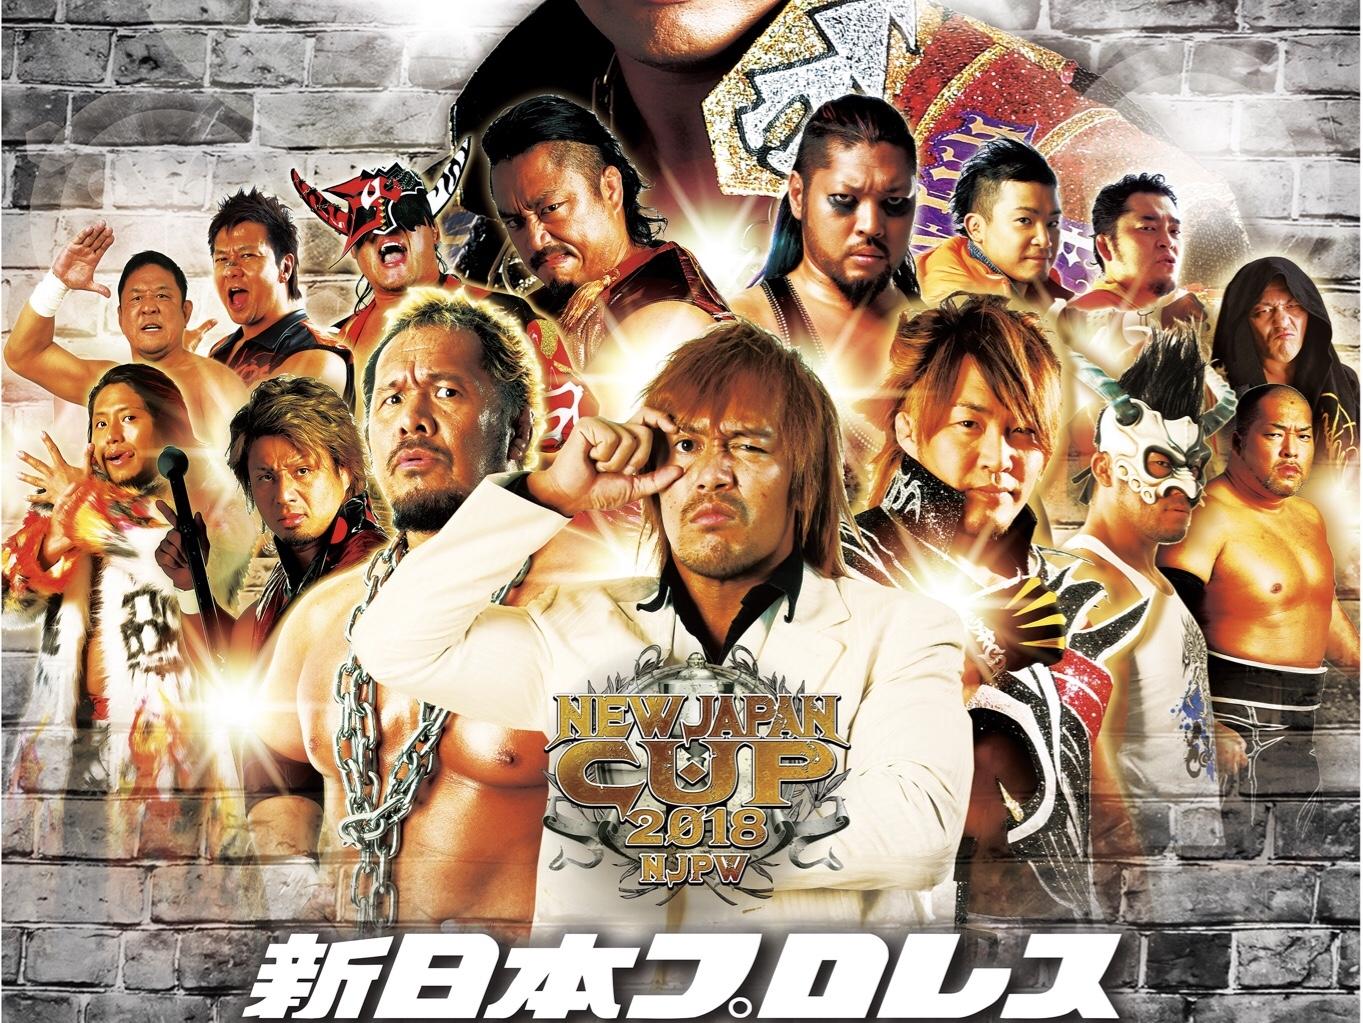 浜松大会 新日本プロレス NEW JAPAN CUP 2018